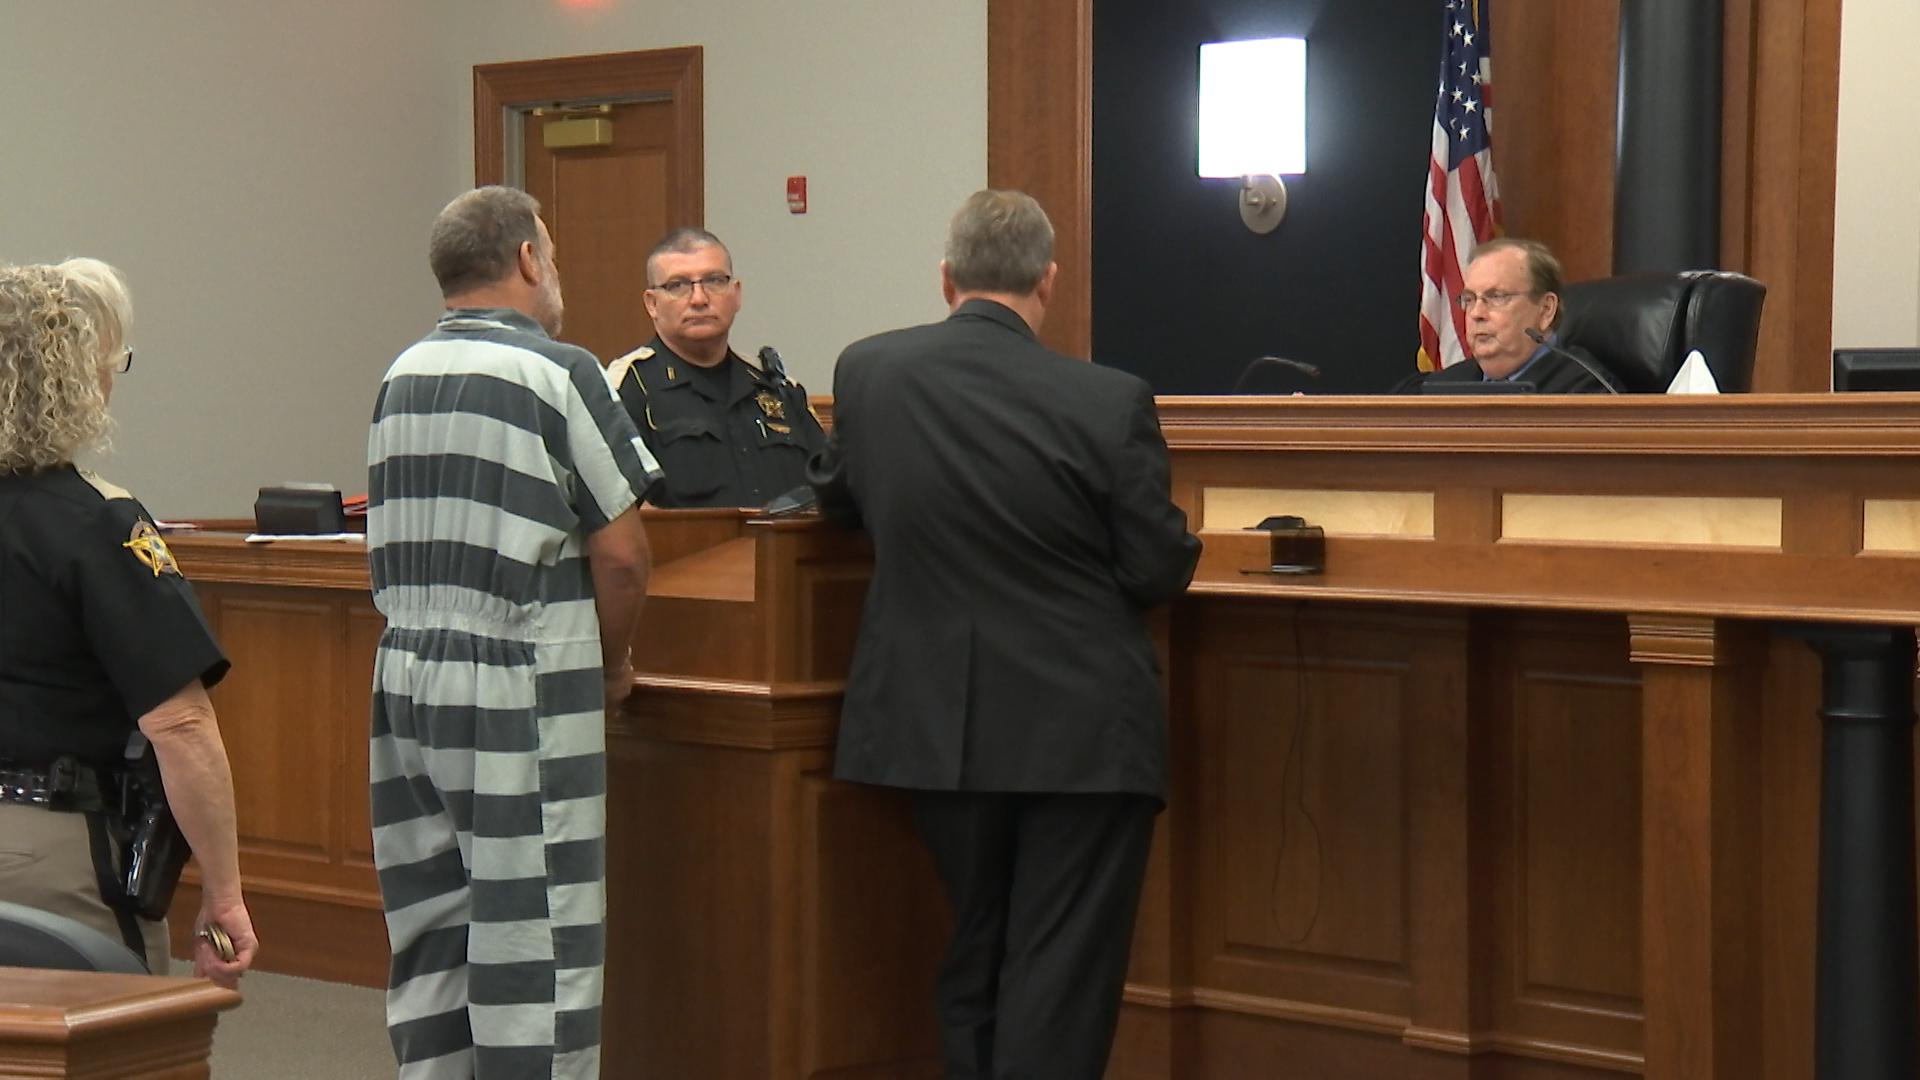 Judge: Glenn Harper is a 'danger to the family'